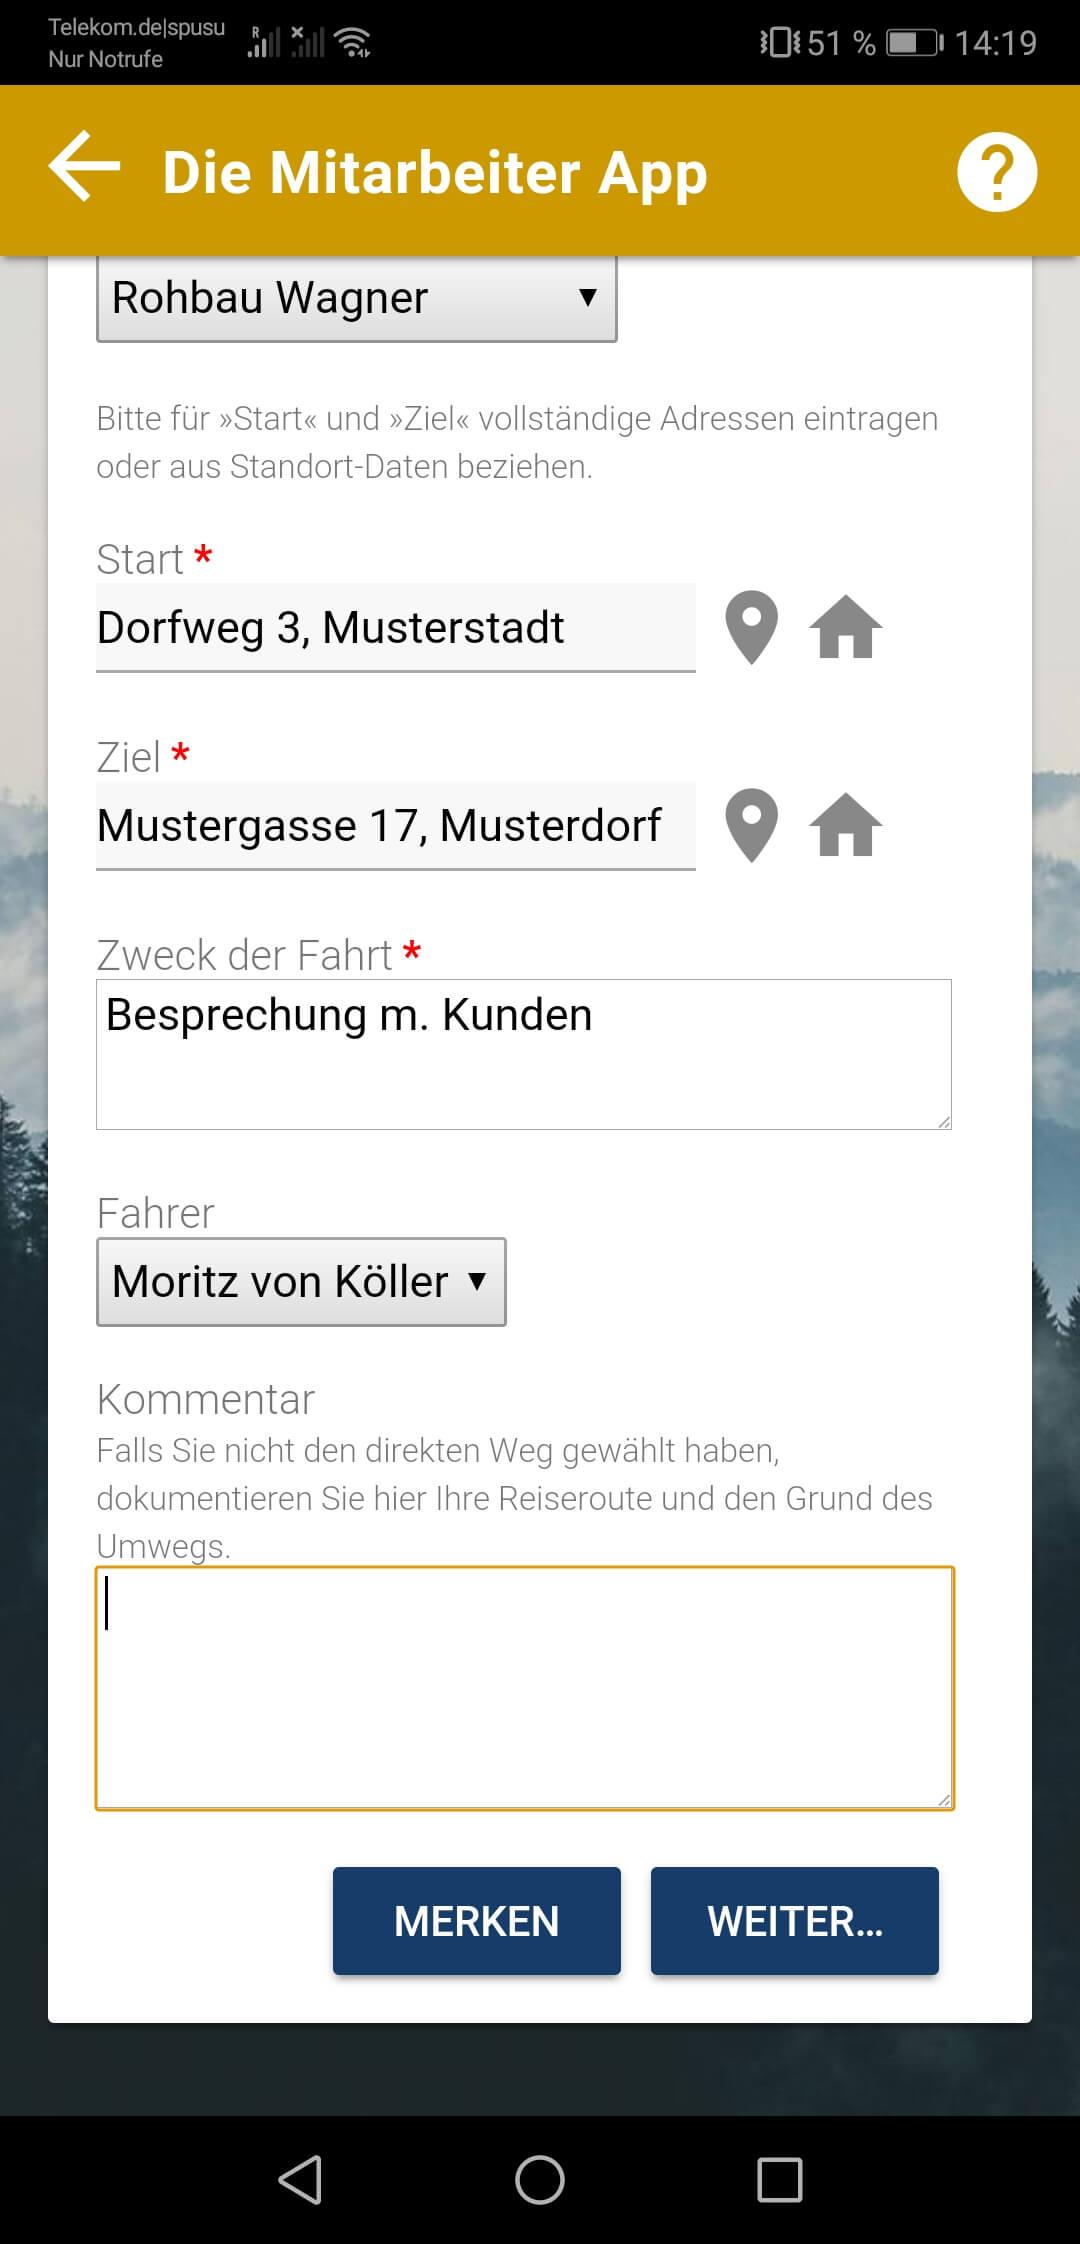 Datenerfassung im finanzamt-konformen Fahrtenbuch der appdialog Mitarbeiter App  2